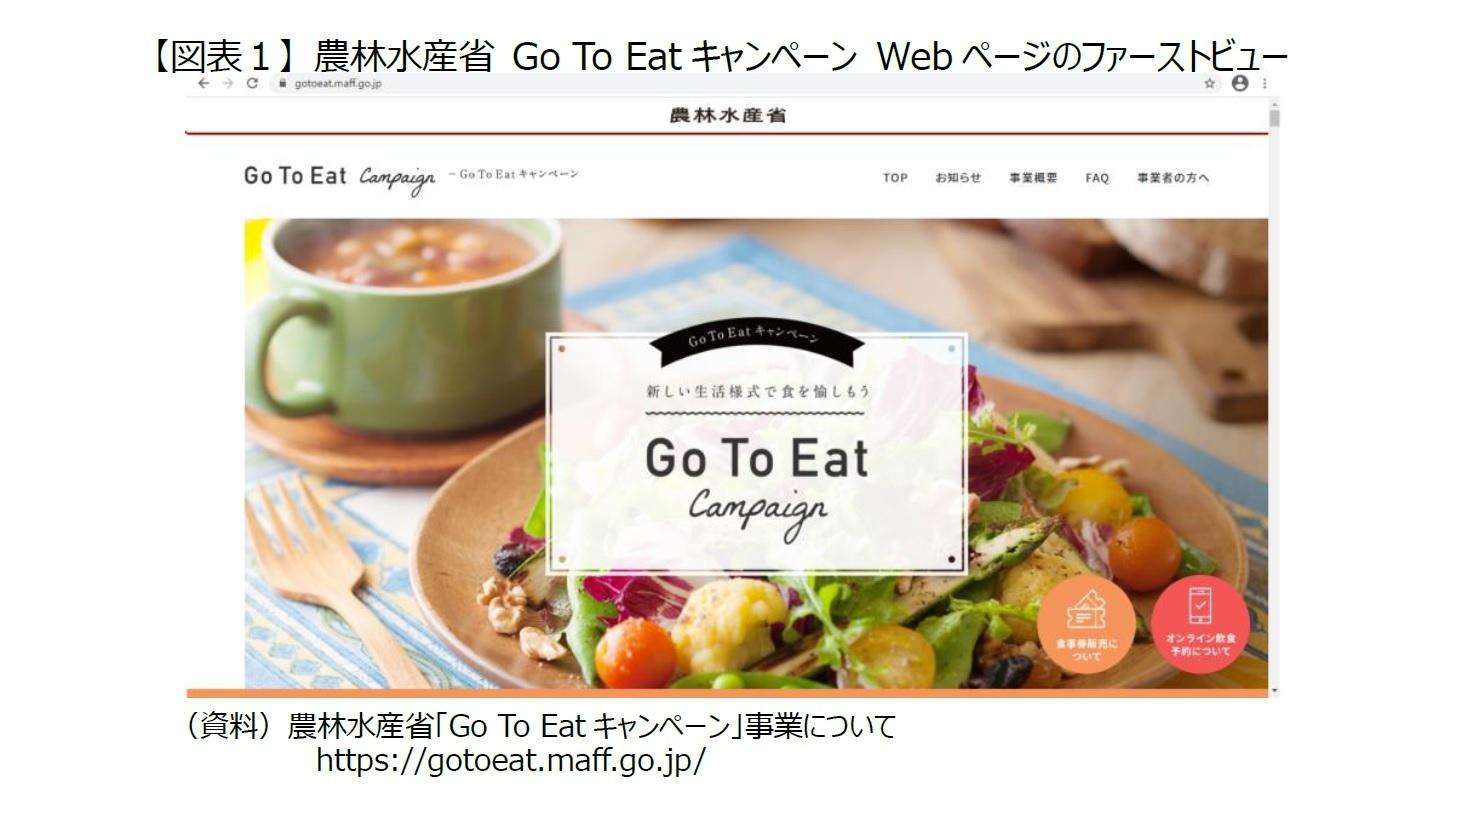 【図表1】 農林水産省 Go To Eatキャンペーン Webページのファーストビュー